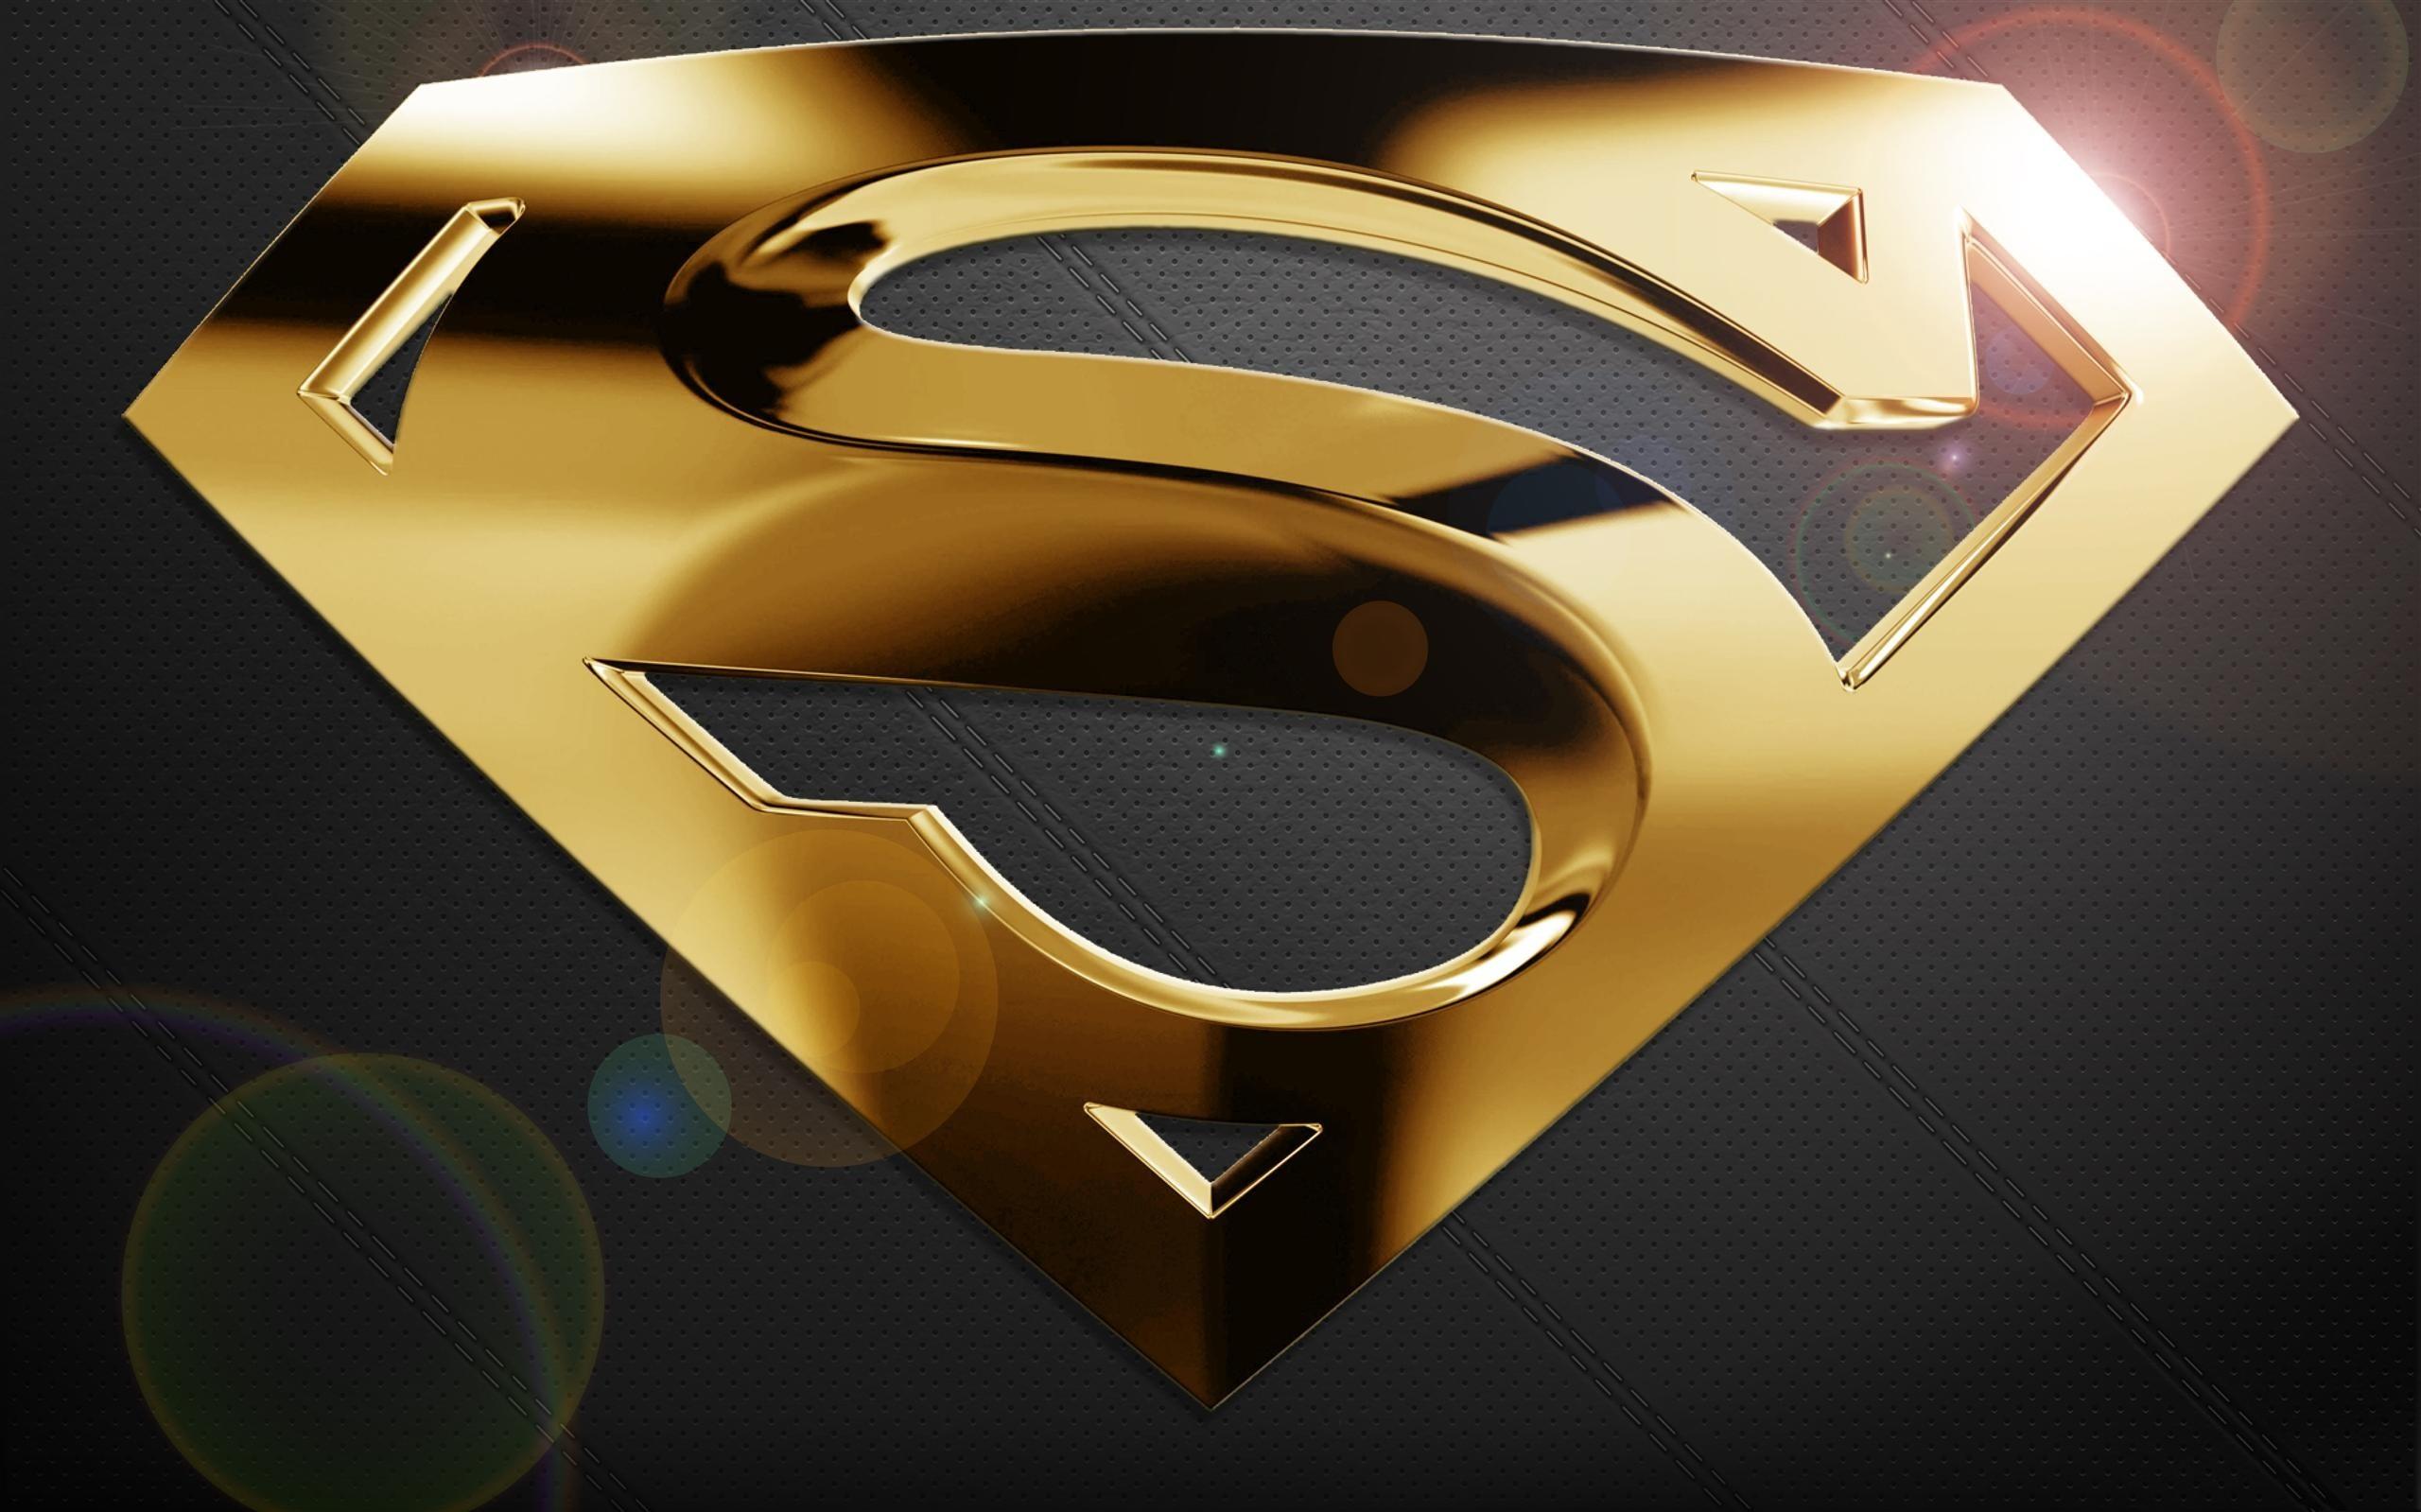 Black Superman Wallpapers. blue batman logo wallpaper superman 3d.